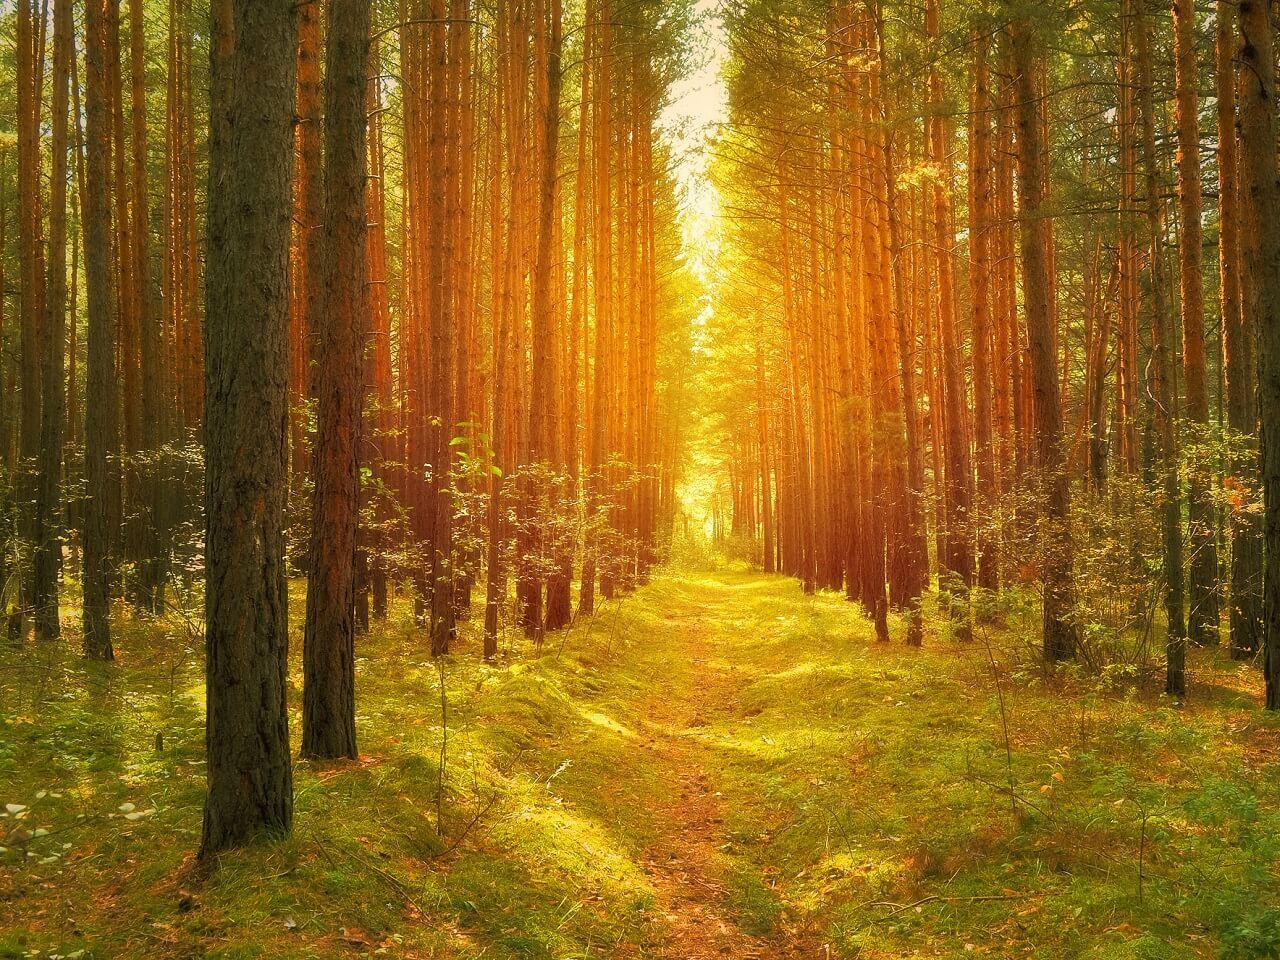 lothlorien golden woods